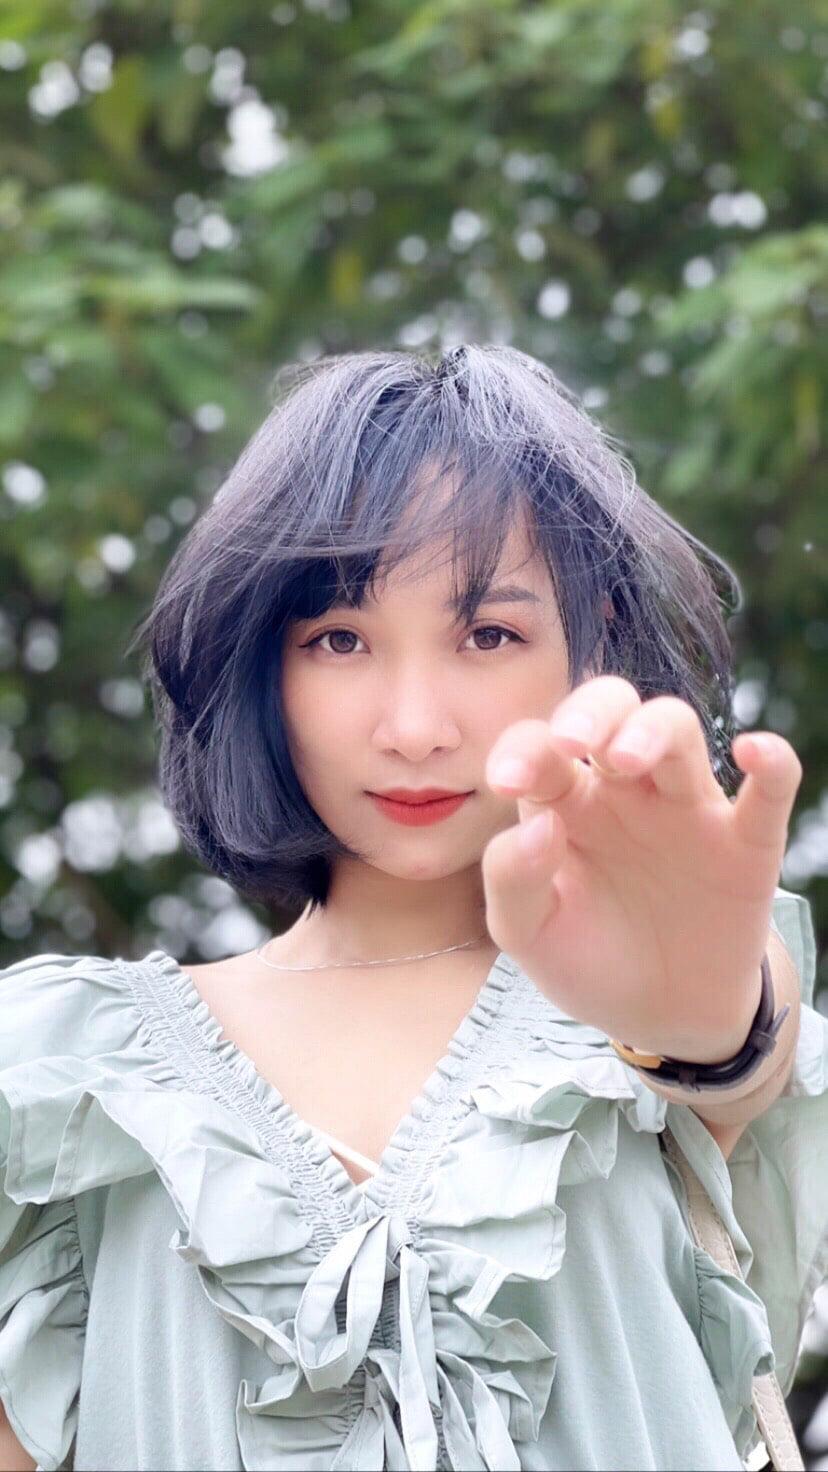 """Cuộc thi ảnh """" Cô gái trường Xây"""" - Đại Học Xây dựng Hà Nội"""